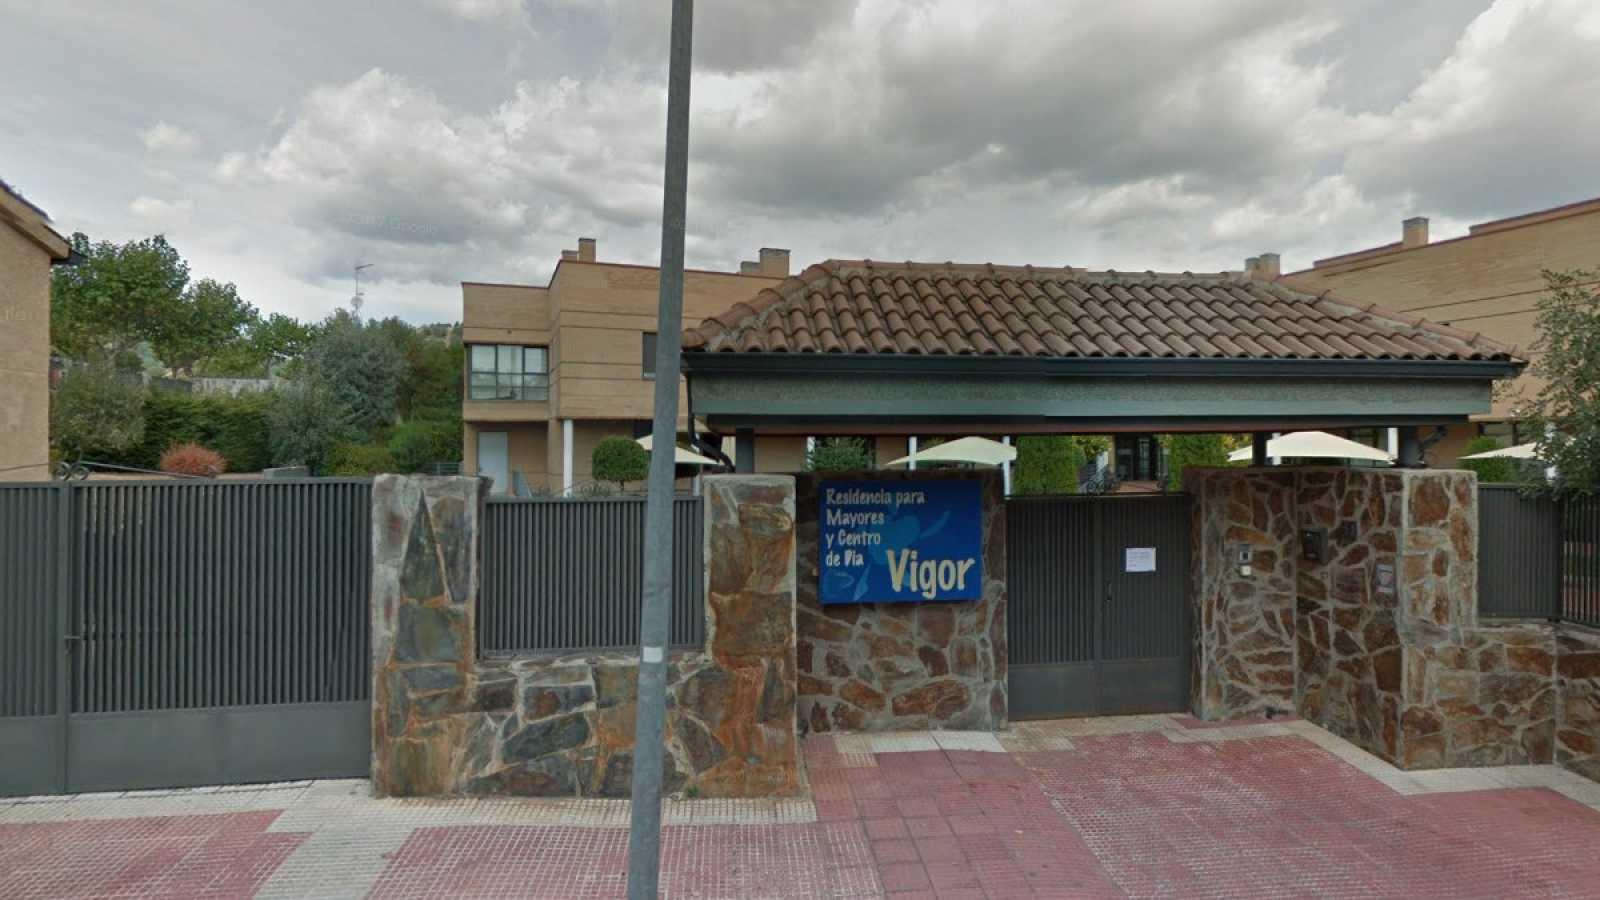 Coronavirus: Un brote en una residencia de Madrid deja 65 positivos y 11 fallecidos